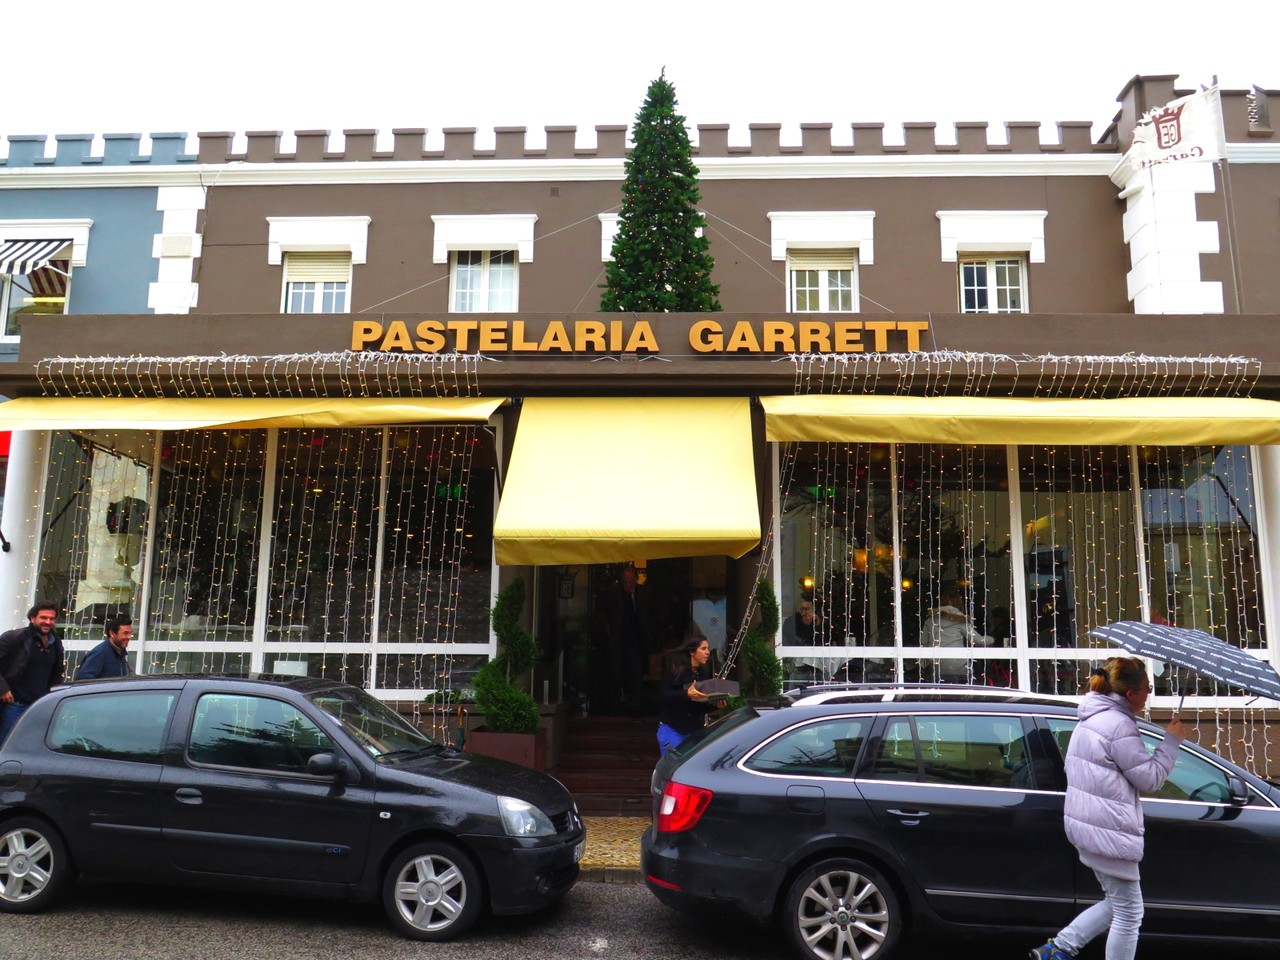 PASTELARIA GARRETT